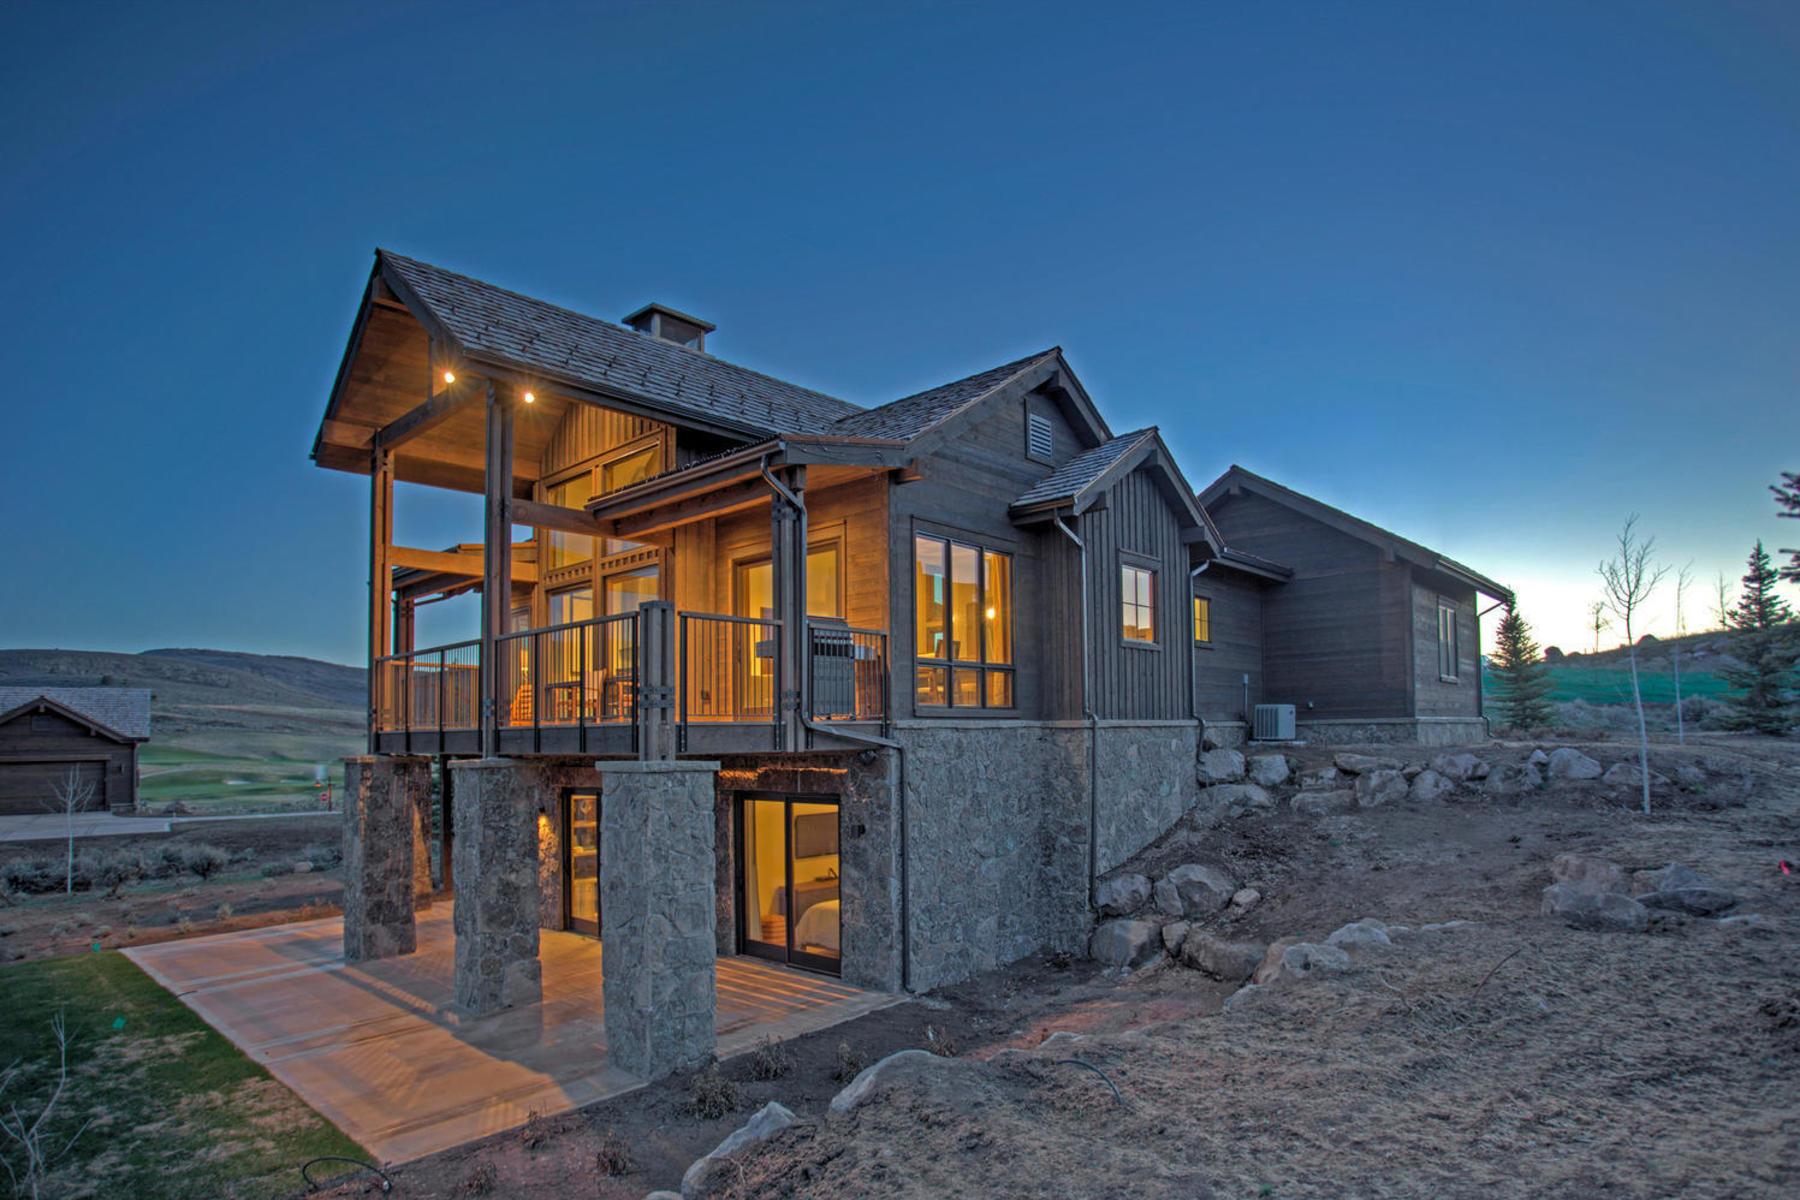 단독 가정 주택 용 매매 에 Expanded Willow Cabin with Spectacular Views 6863 E Falling Star Cir Lot 265, Heber City, 유타, 84032 미국